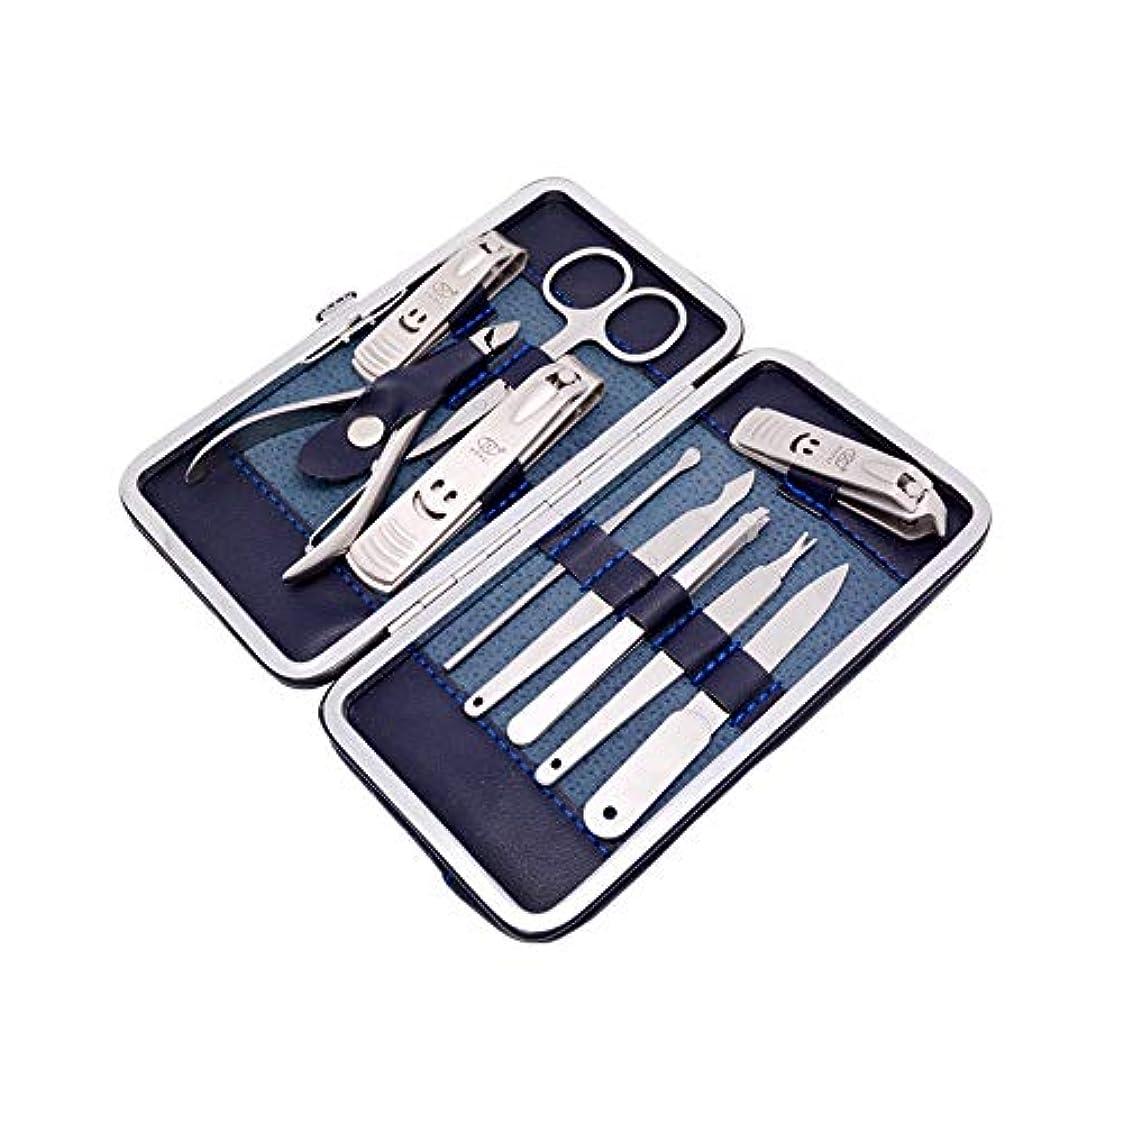 うぬぼれパッケージ光のマニキュアセット ステンレススチールネイルクリッパーはさみネイルマニキュア美容ツール10個のギフトセット トラベル&グルーミングキット